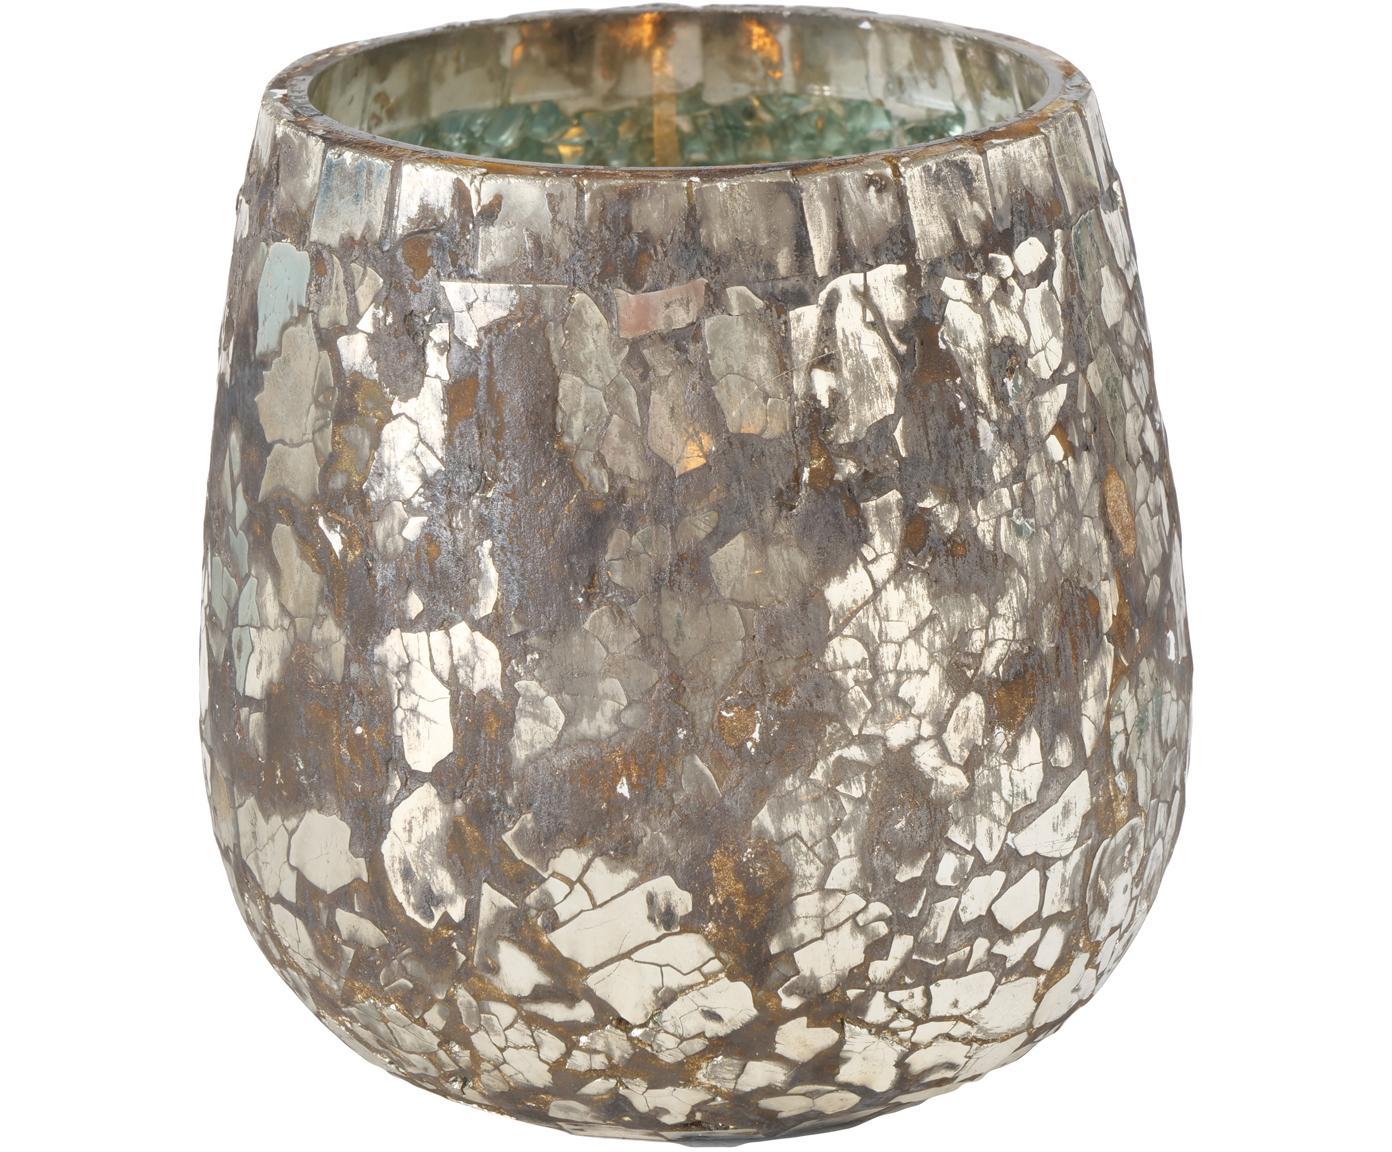 Komplet świeczników Kyritz, 2 elem., Szkło, Brązowy, odcienie srebrnego z antycznym wykończeniem, Ø 12 x W 13 cm